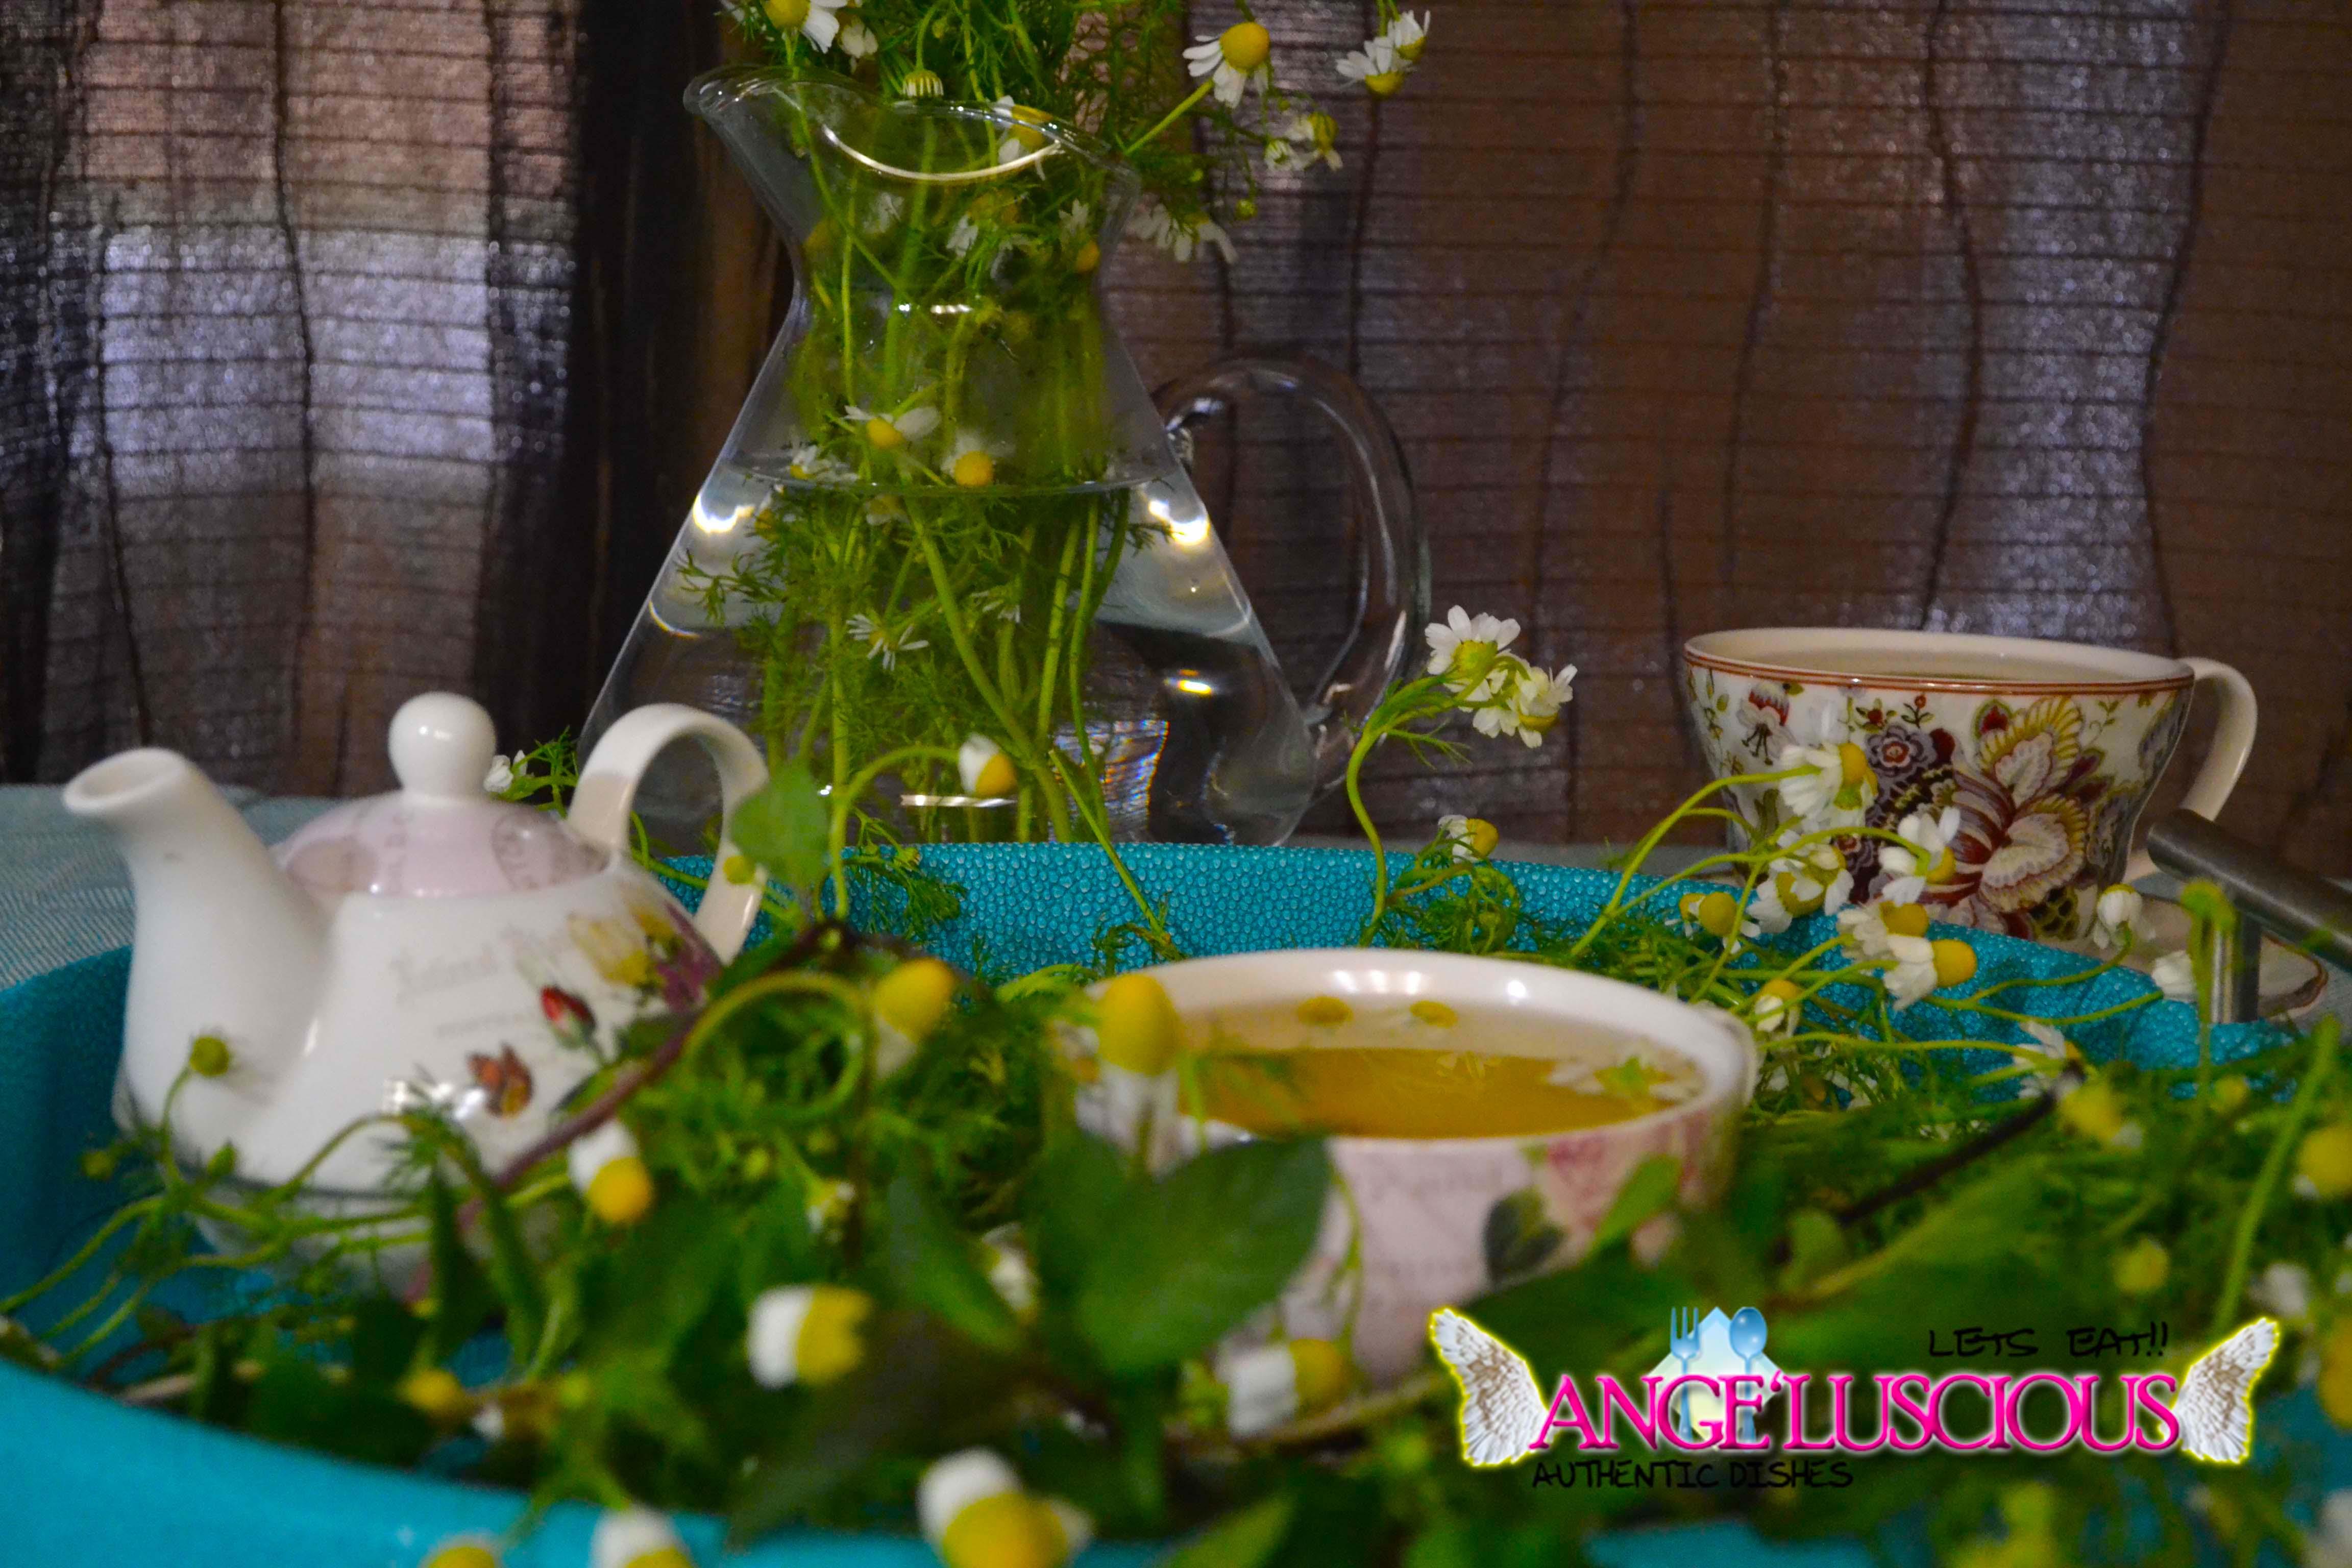 chamomile tea DSC_0858